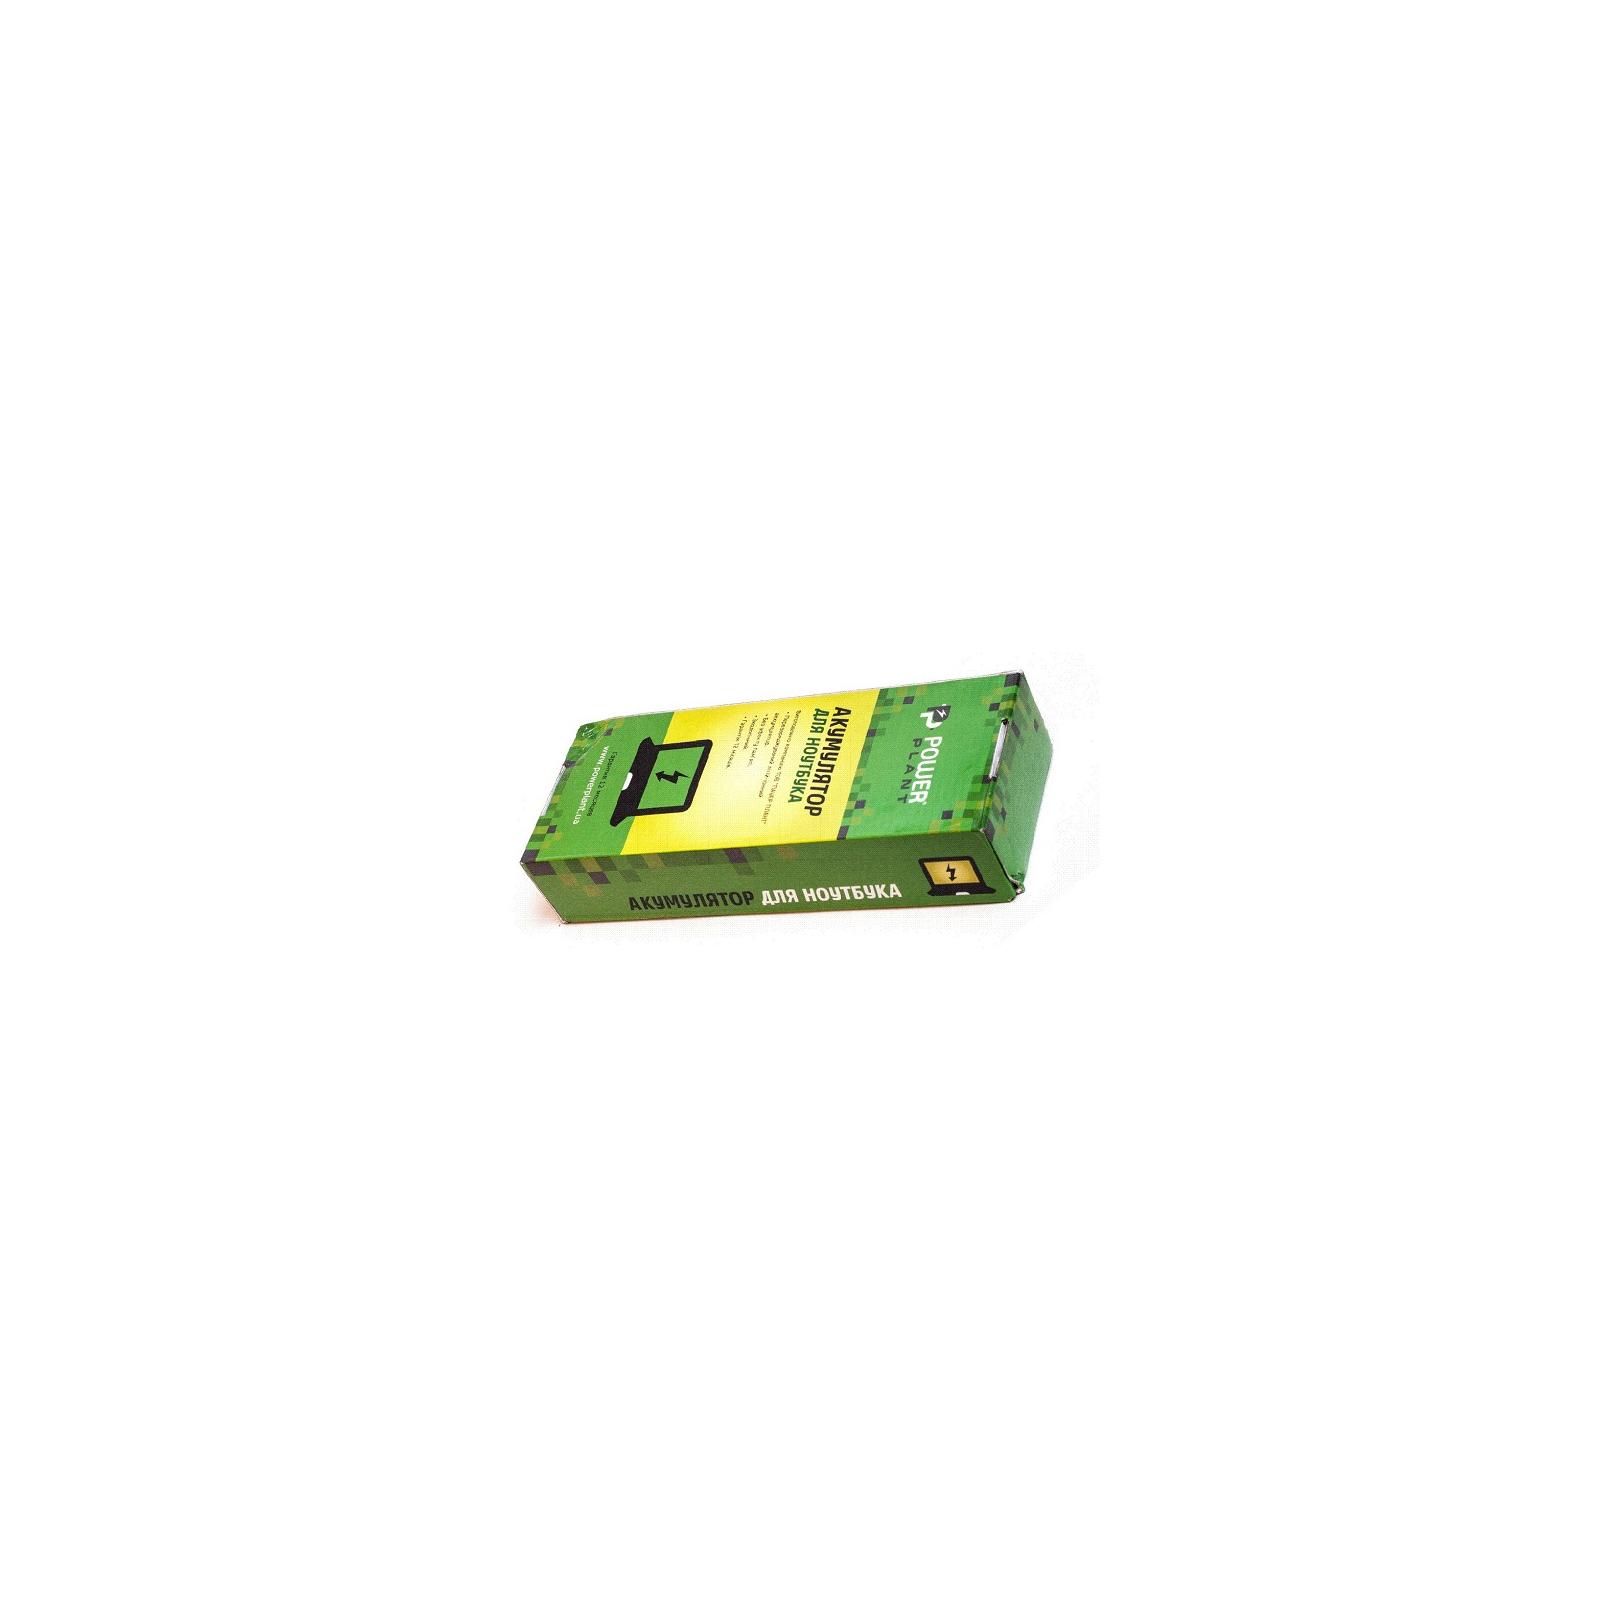 Аккумулятор для ноутбука ASUS F2, F3 (A32-F3, AS9000LH) 11.1V 5200mAh PowerPlant (NB00000012) изображение 3